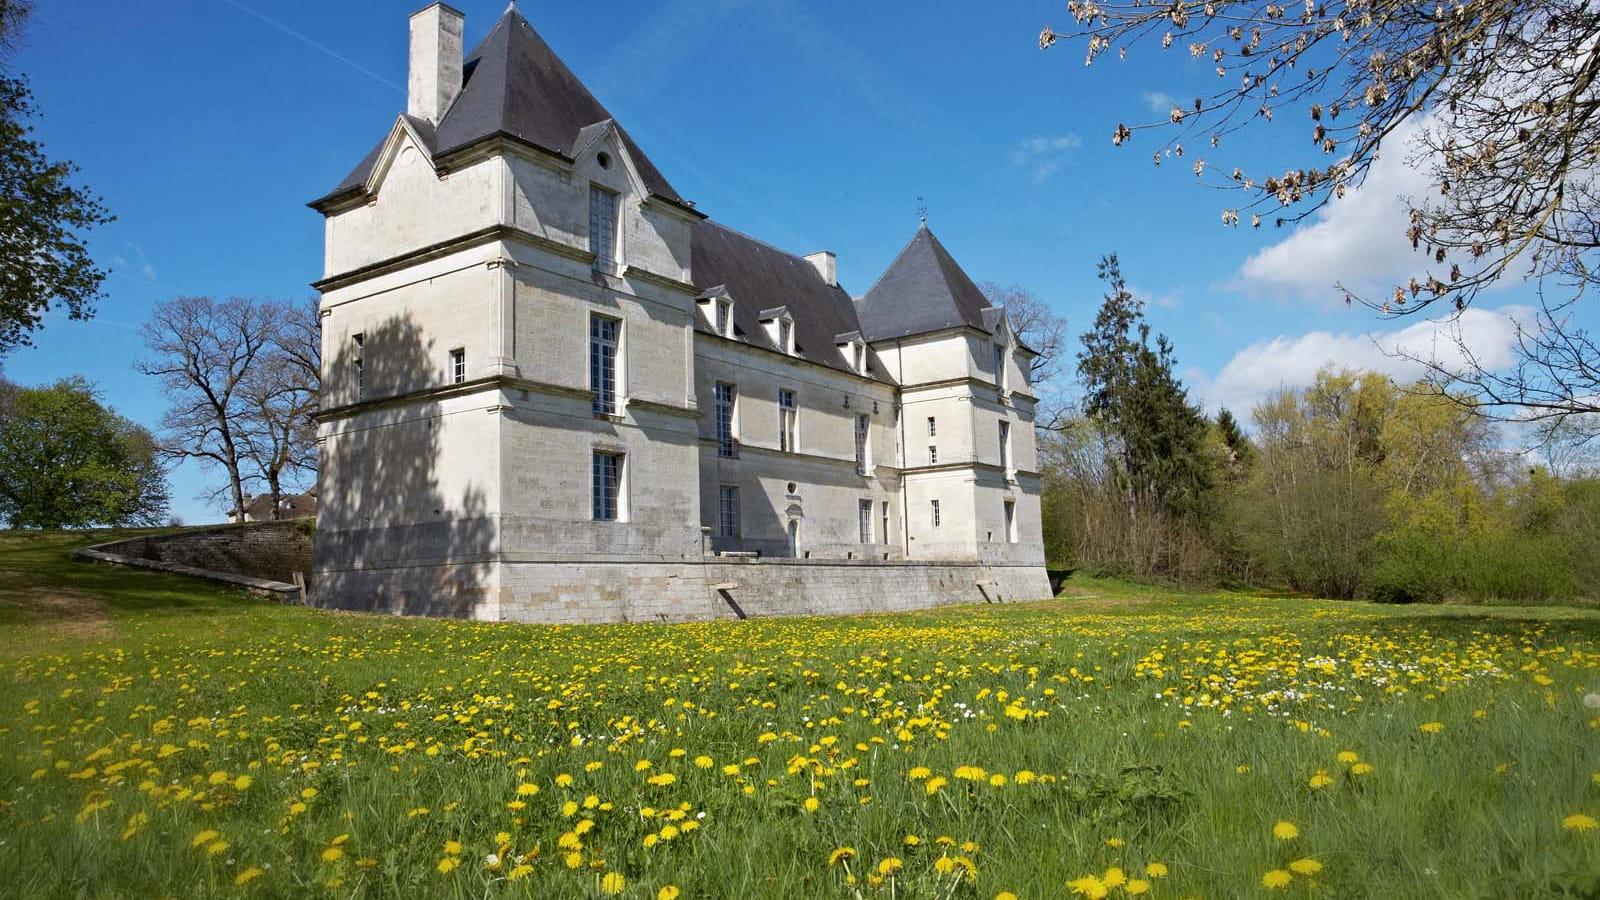 Chateau de Nuits-sur-Armençon